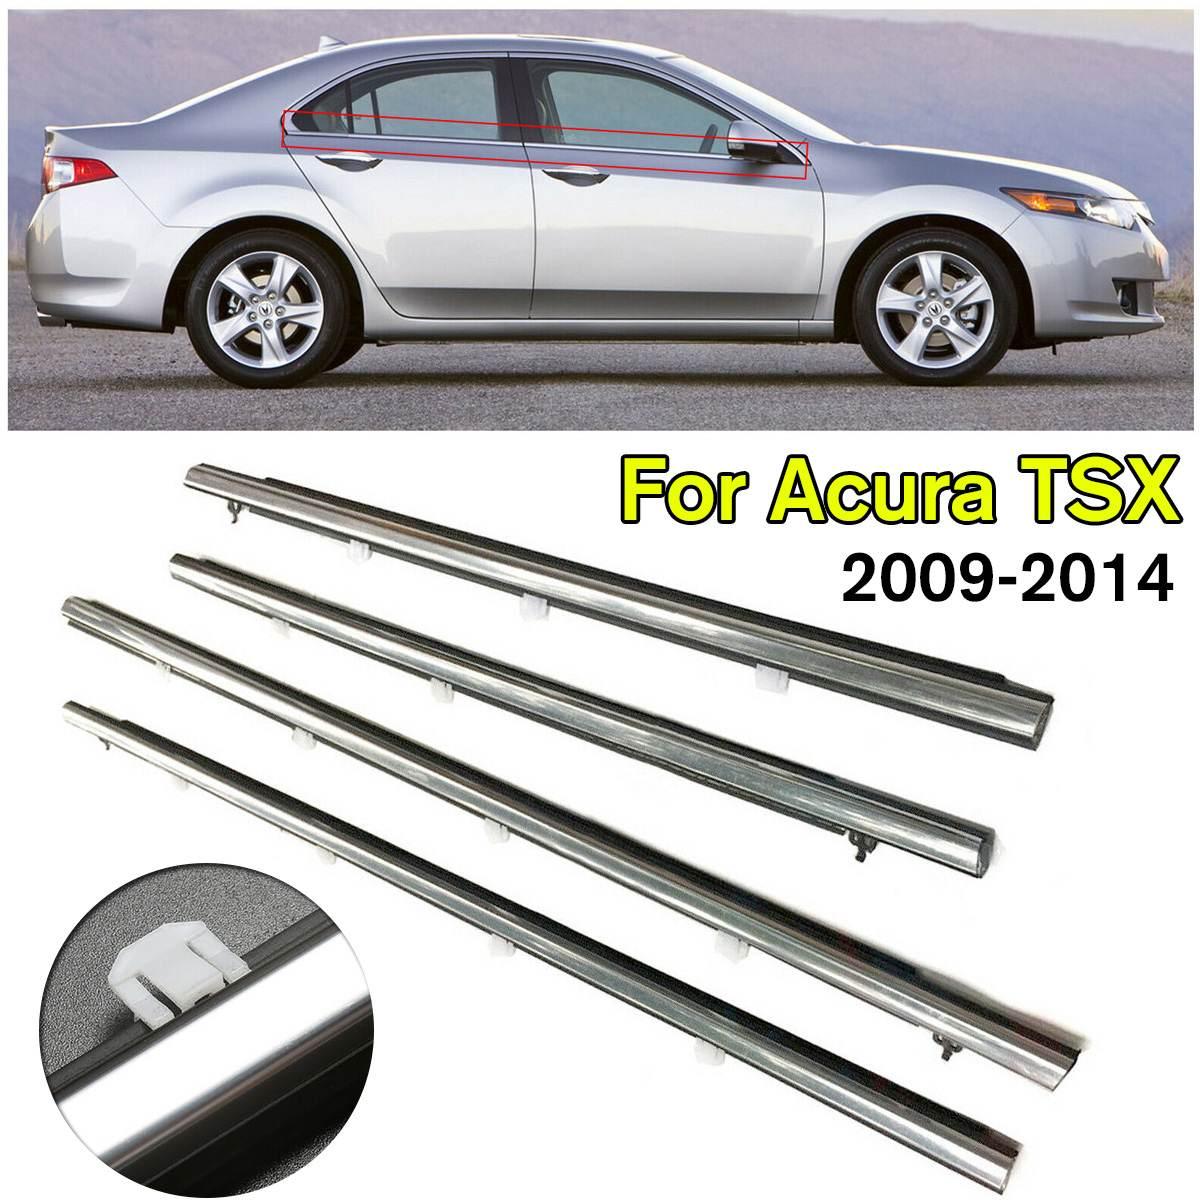 4 pièces voiture extérieur fenêtre moulage garniture coupe-froid joint ceinture météo bande Fit pour Acura TSX 2009-2014